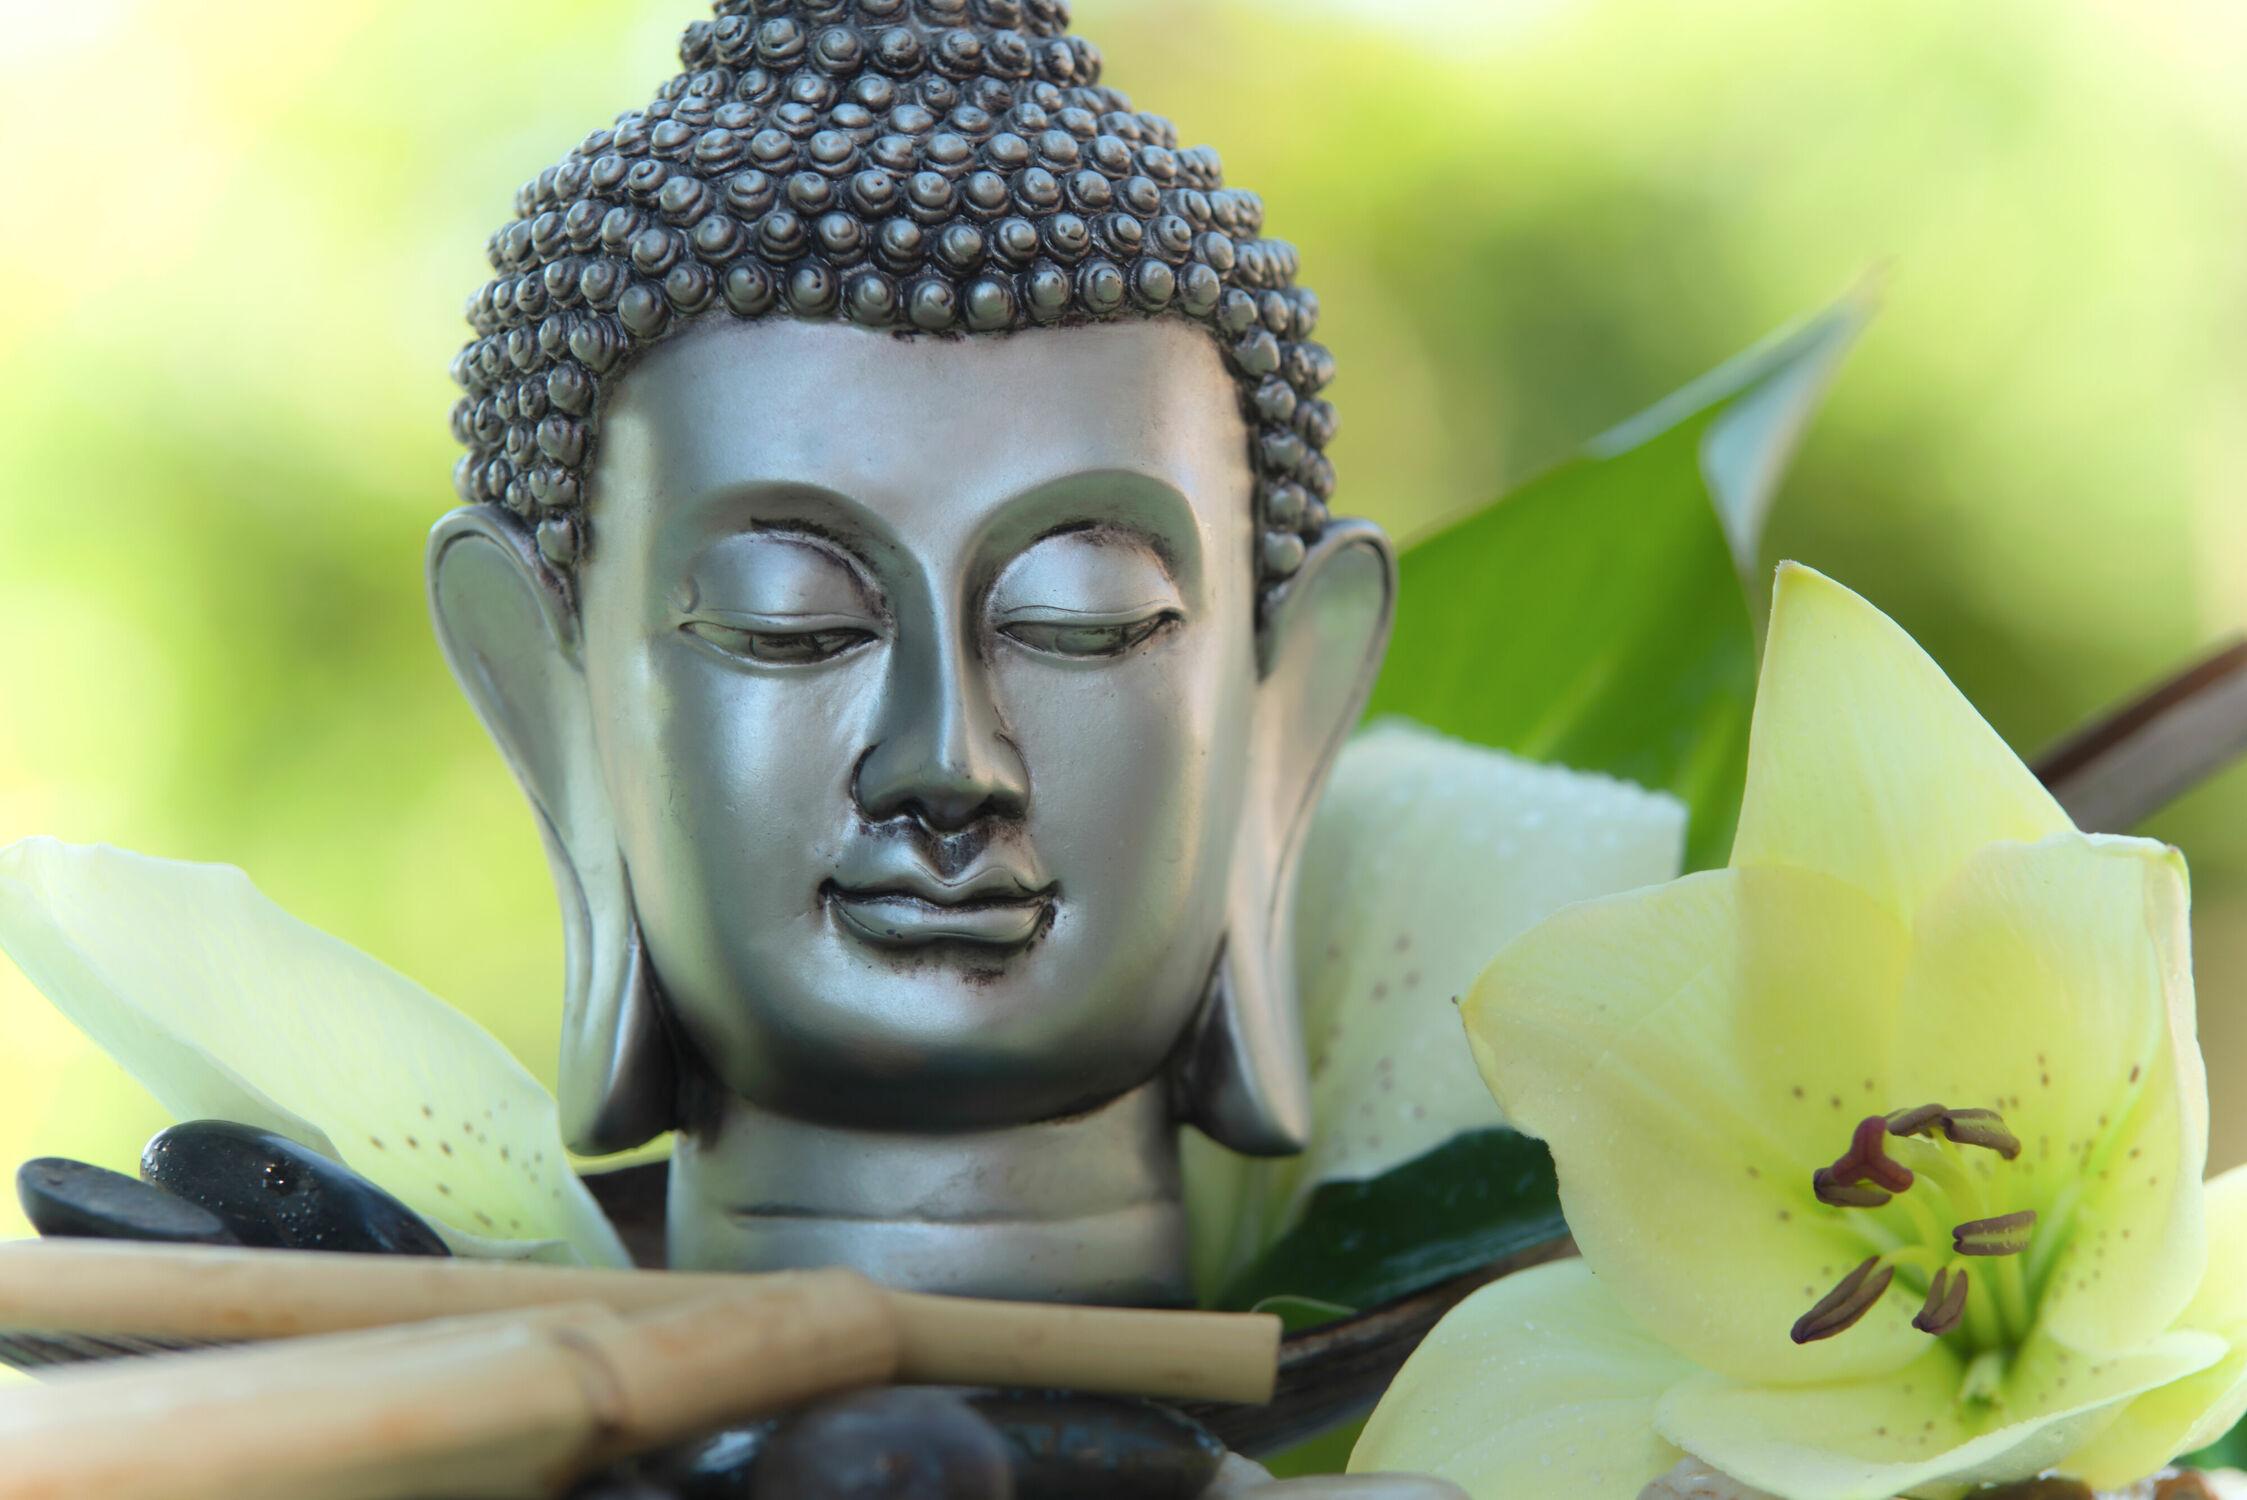 Bild mit Bambus, Bambus, bamboo, Ruhe, Stillleben, Stillleben &Objekte, Stille, Dekoration, Glauben, wellnessdekoration